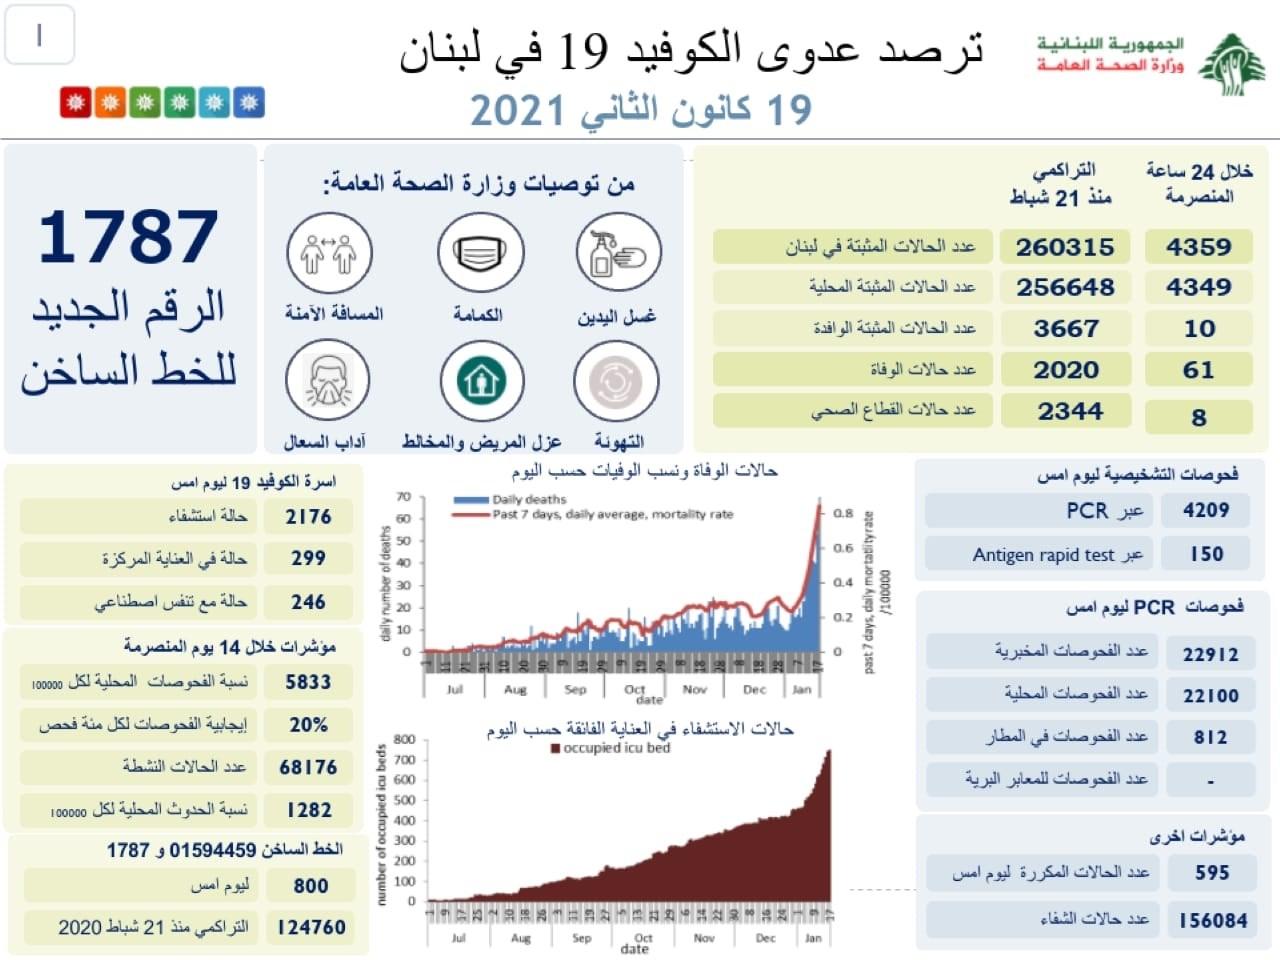 وزارة الصحة: تسجيل 61 حالة وفاة و4359 إصابة جديدة بفيروس